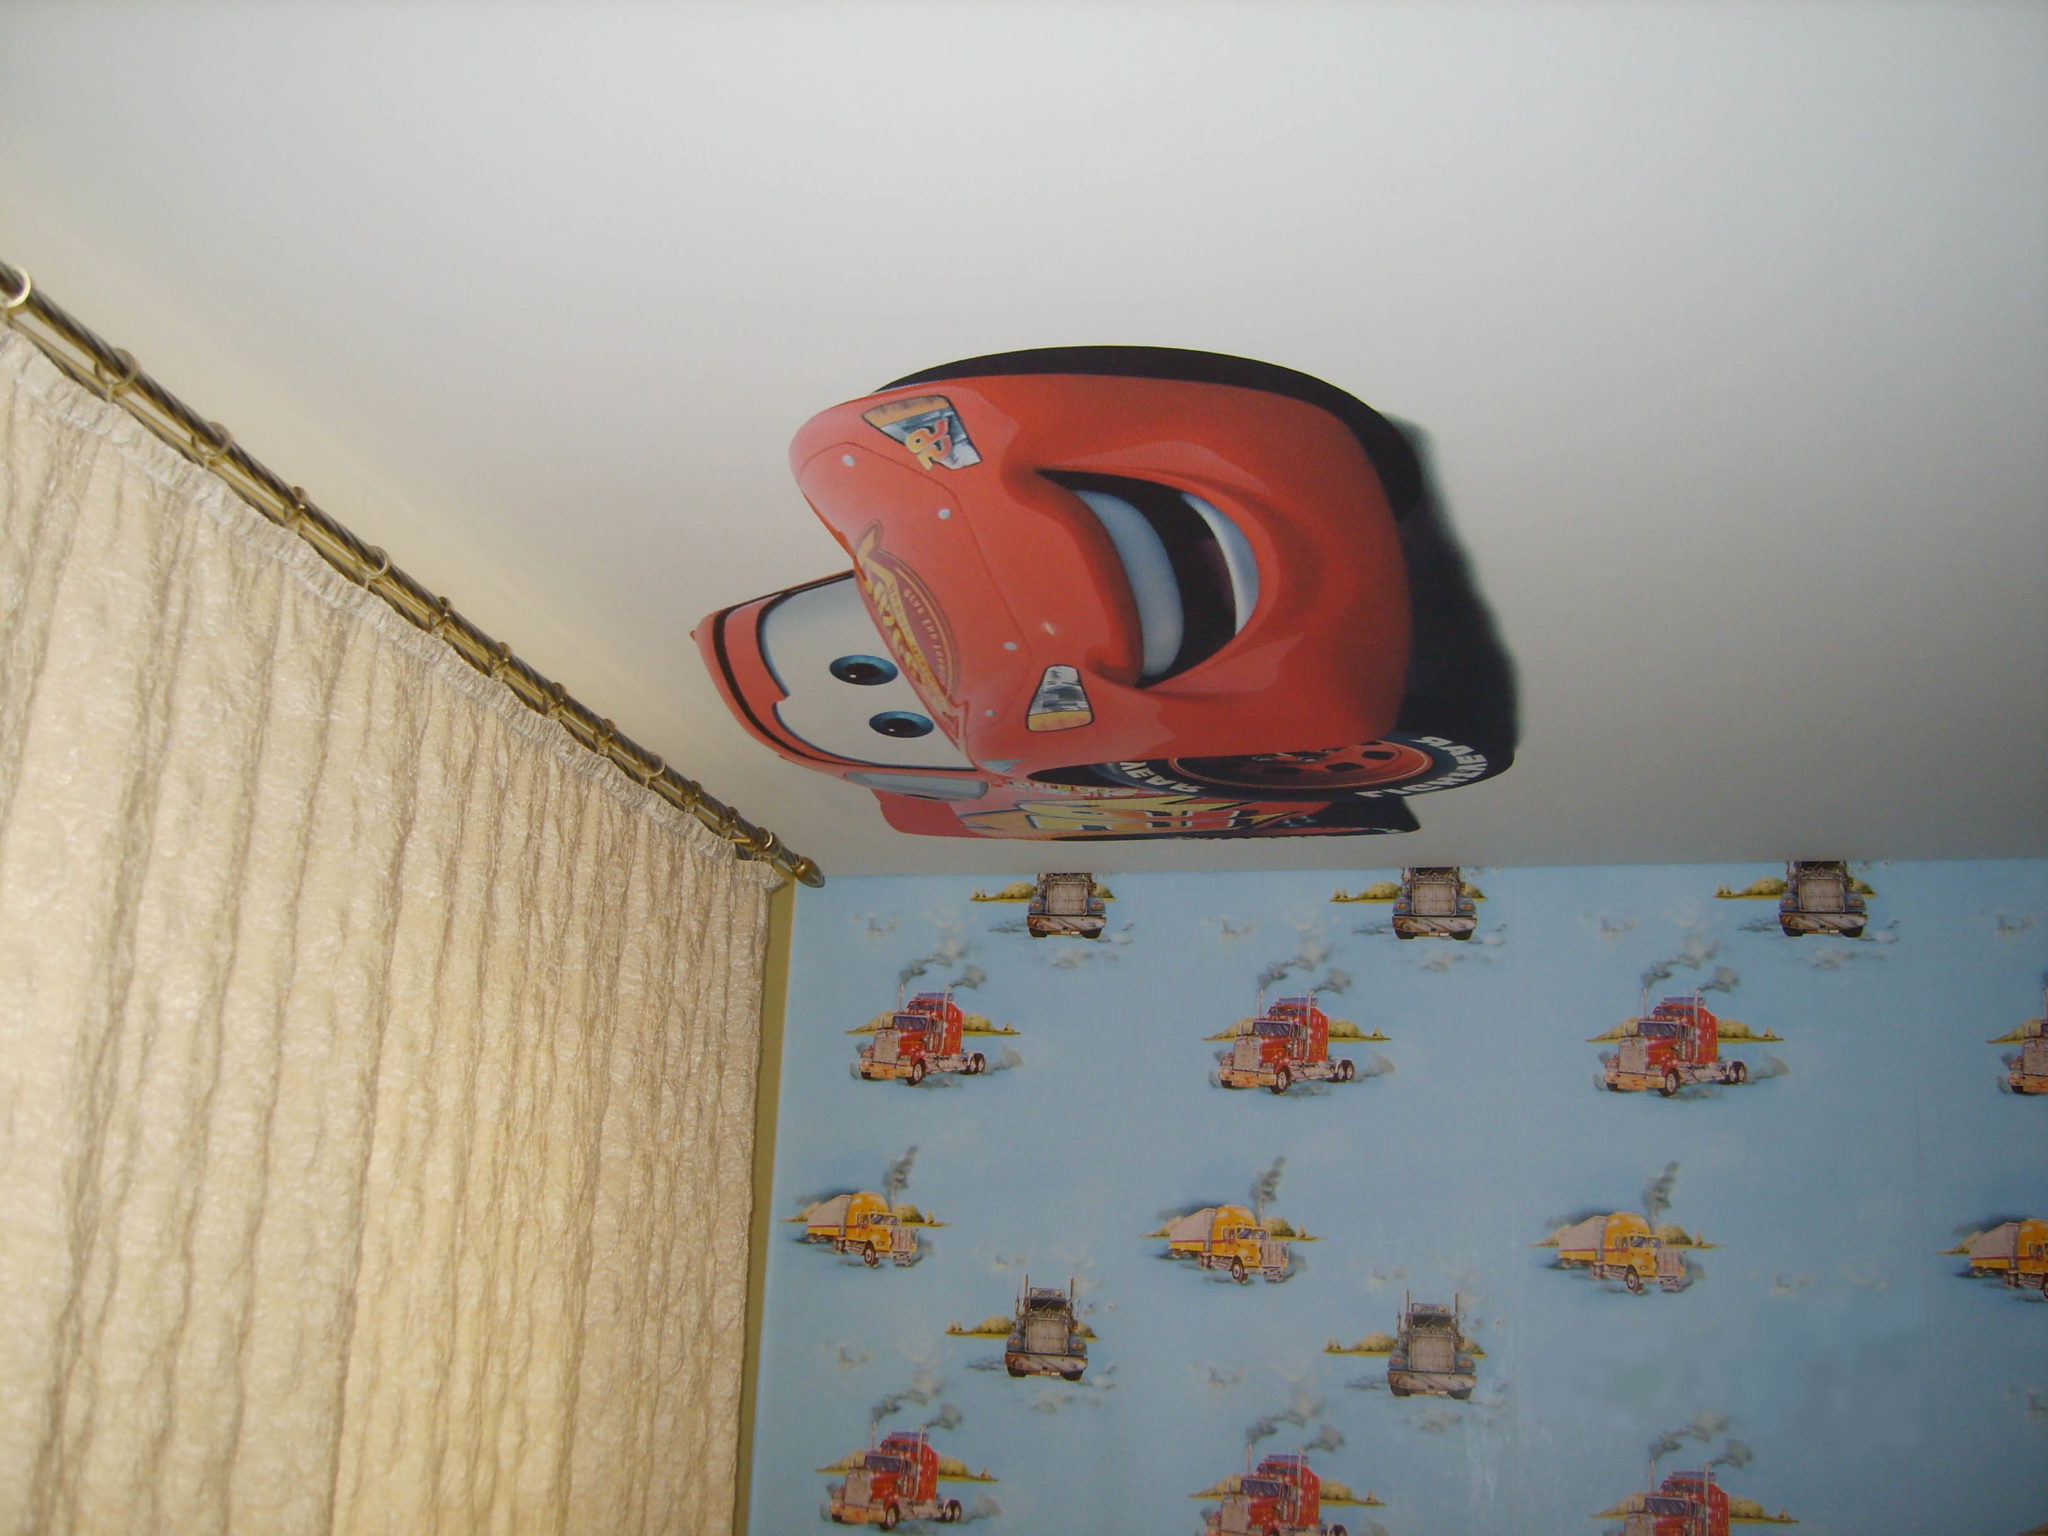 Наклейка на потолке в детской